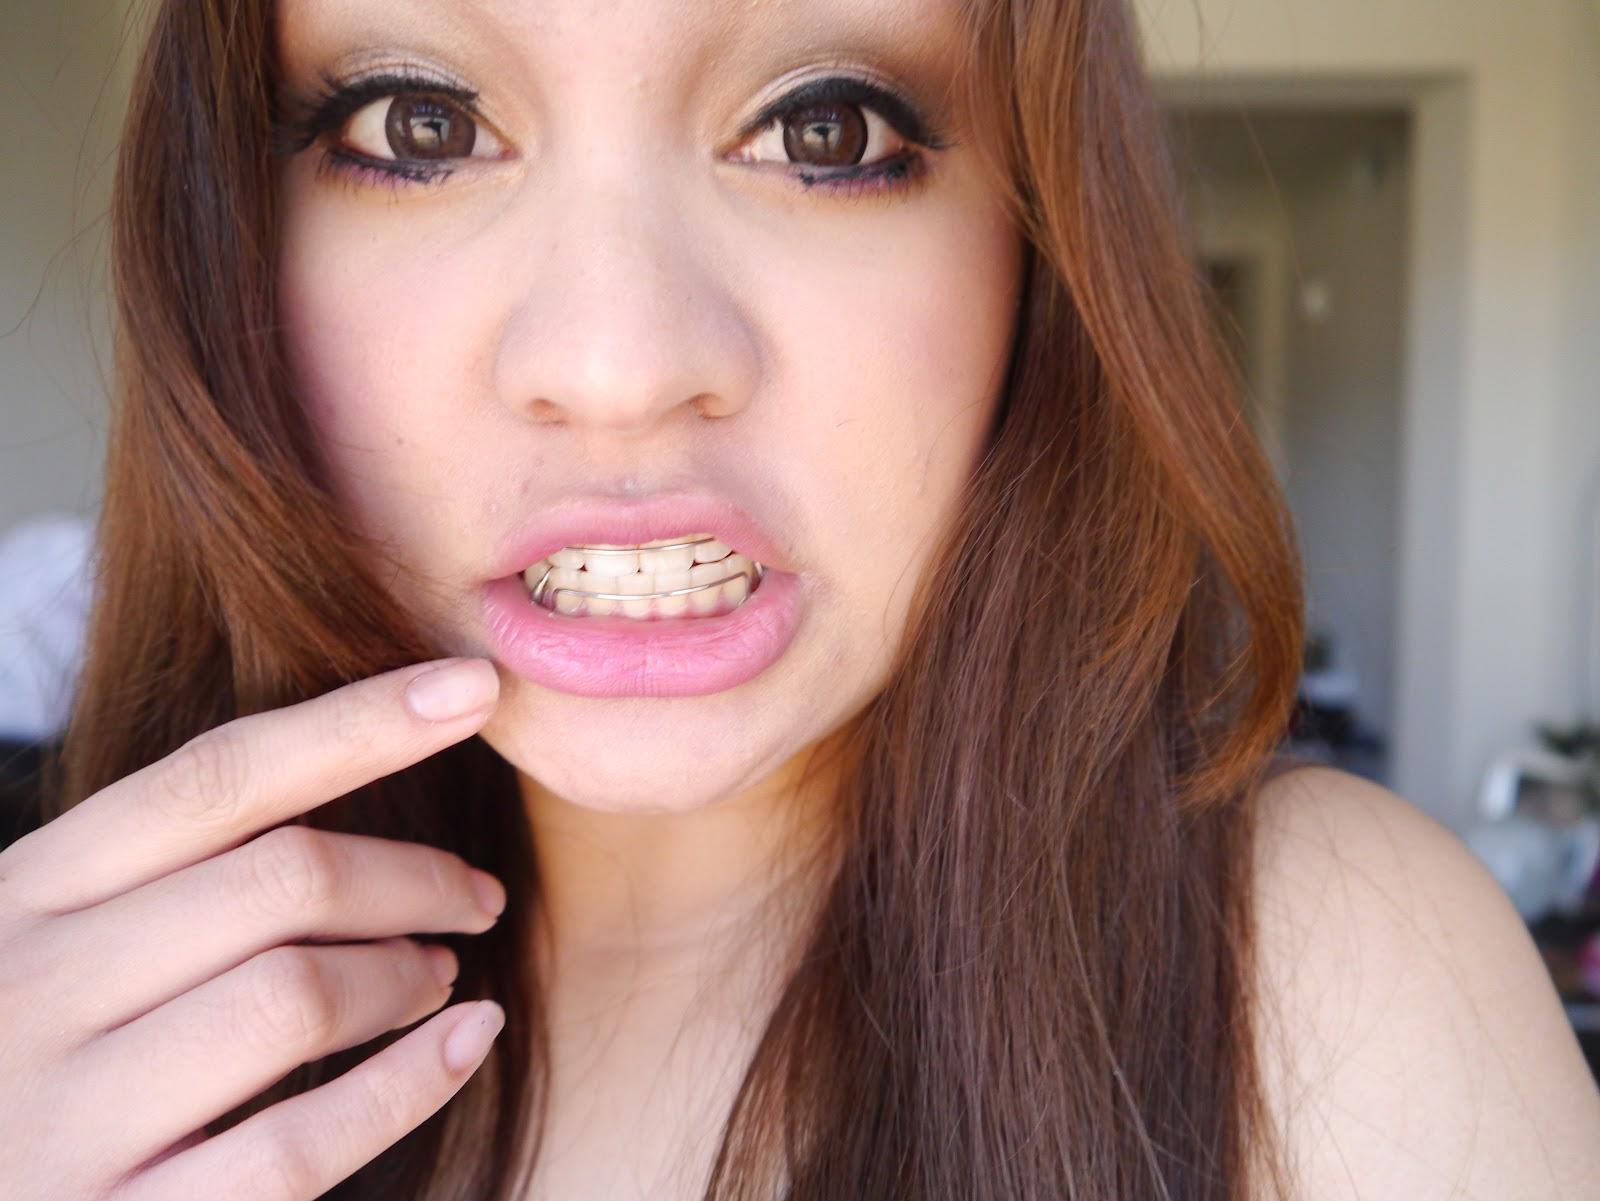 Cum on my teeth